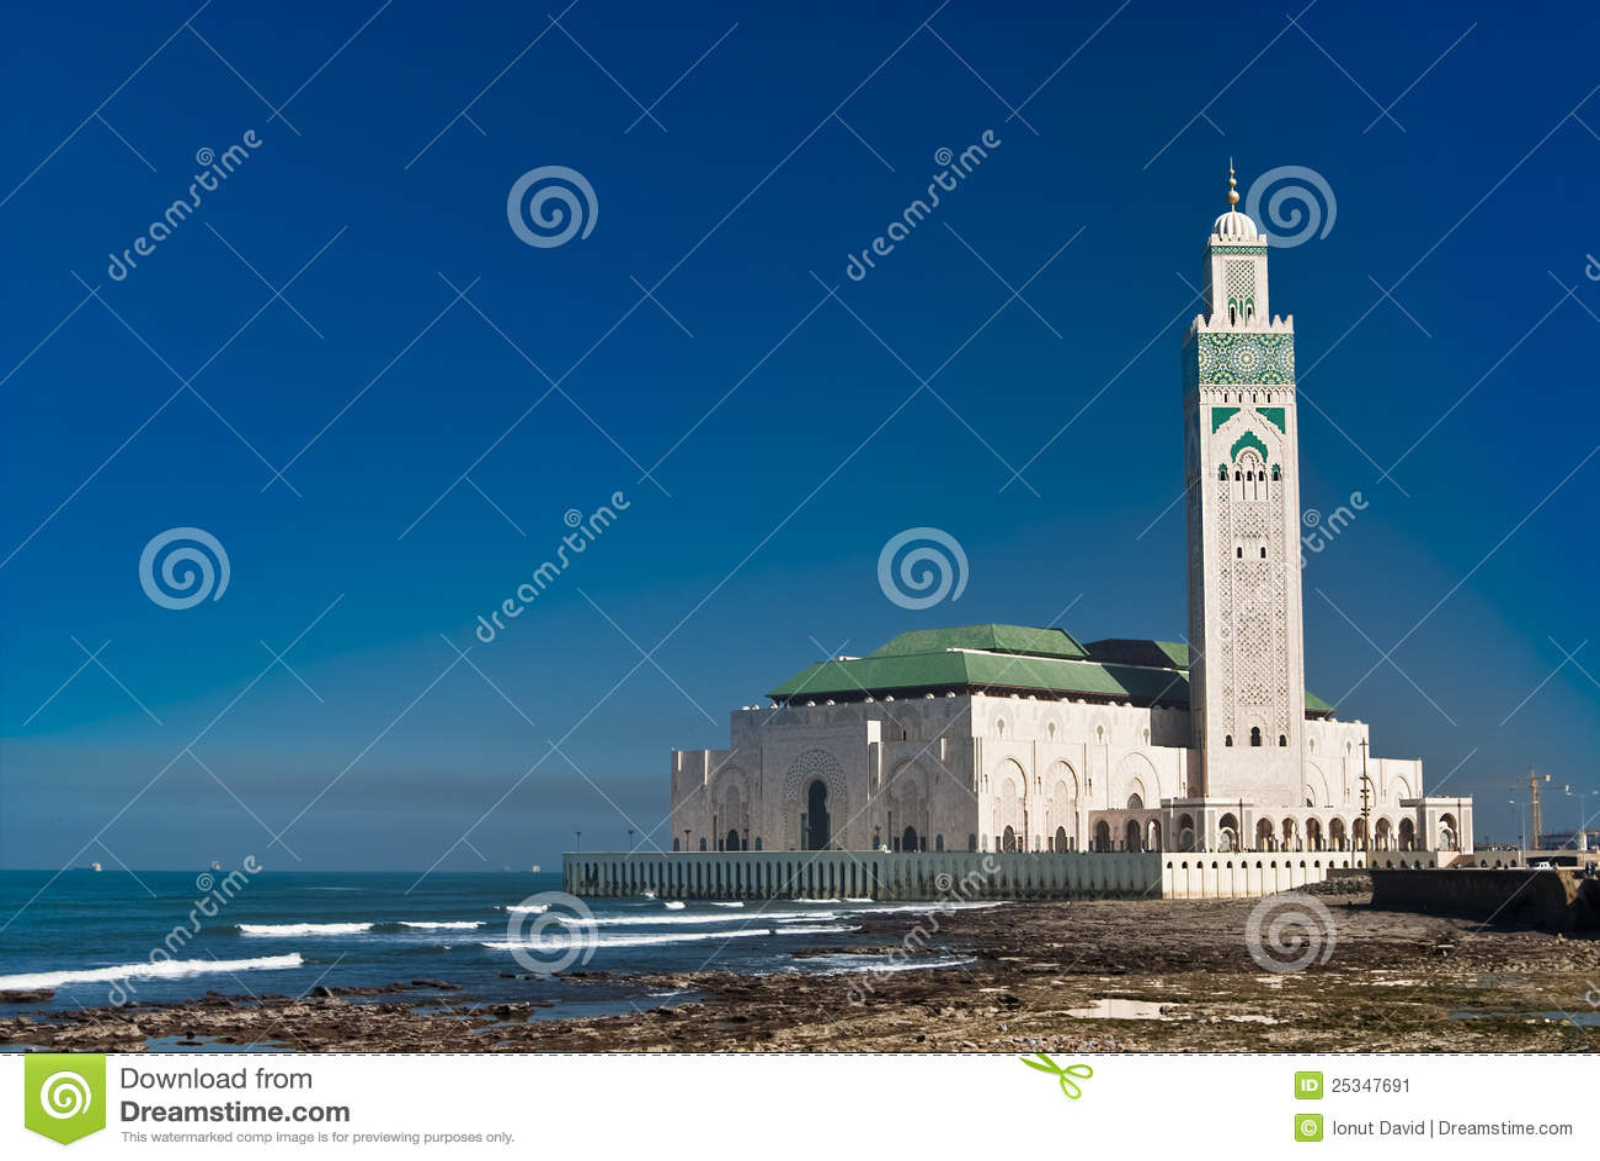 Moschea del re hassan ii casablanca marocco immagine - Marocco casablanca ...